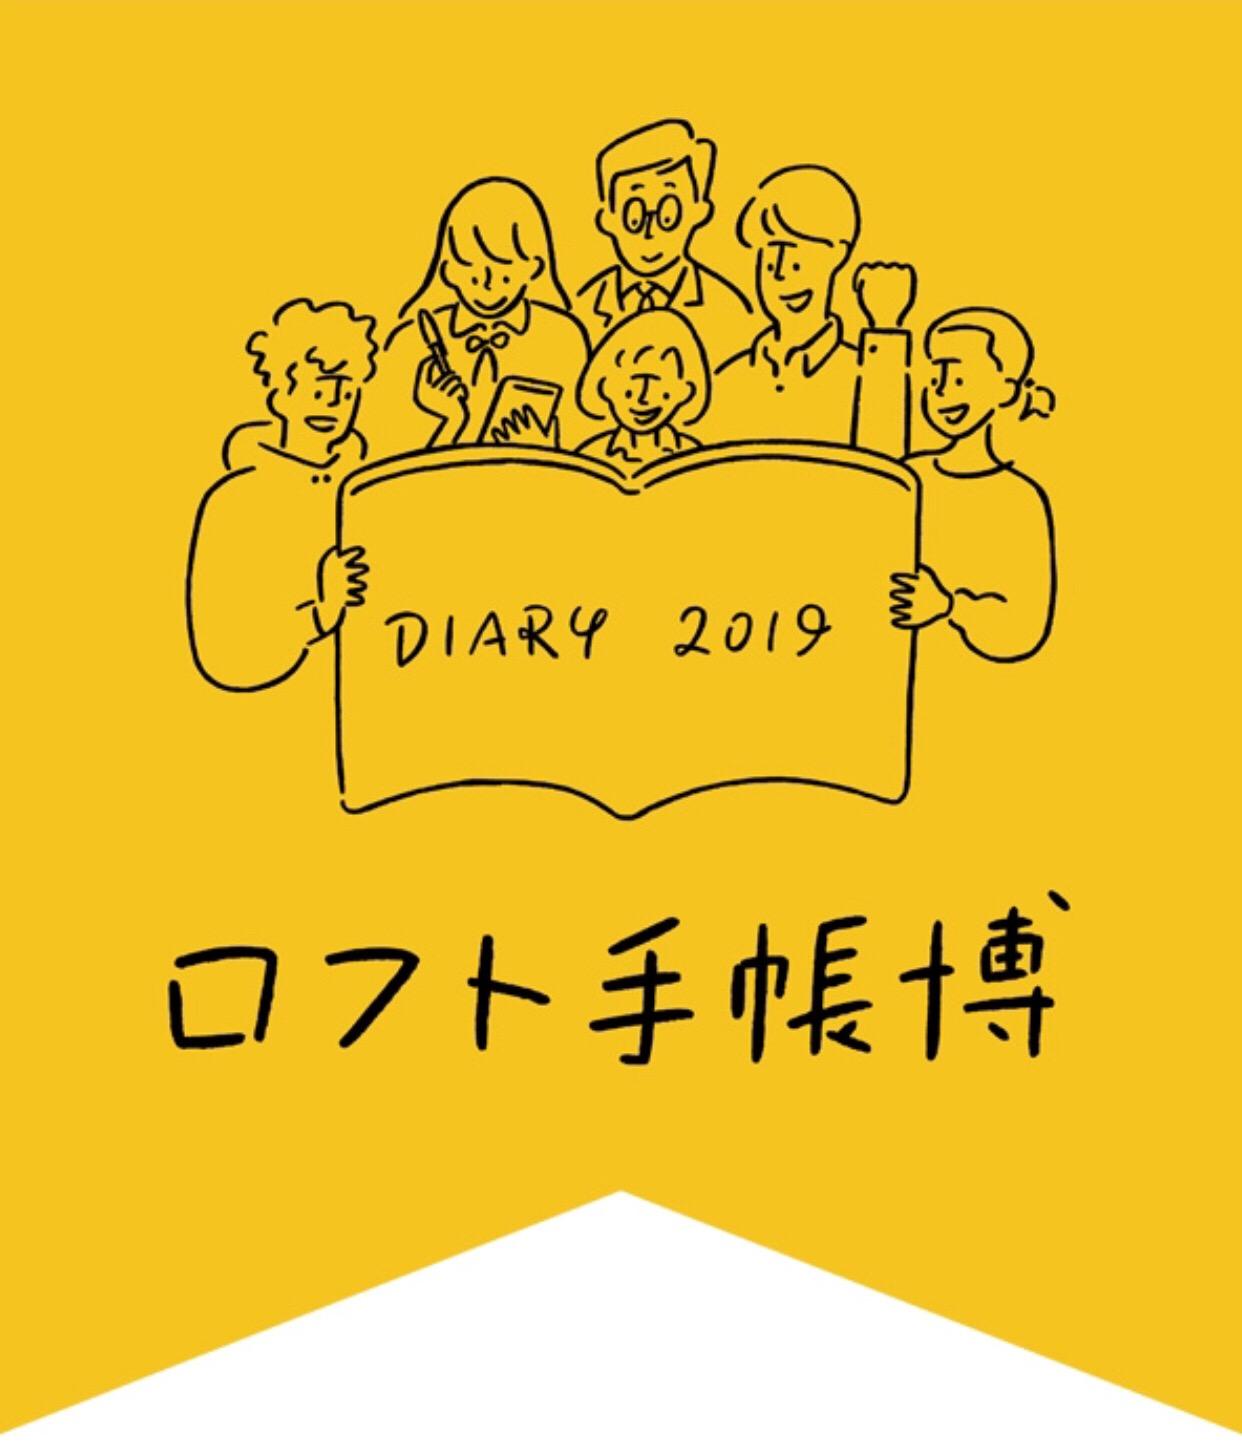 #ロフト手帳博 2019 キックオフイベントに参加したよ!